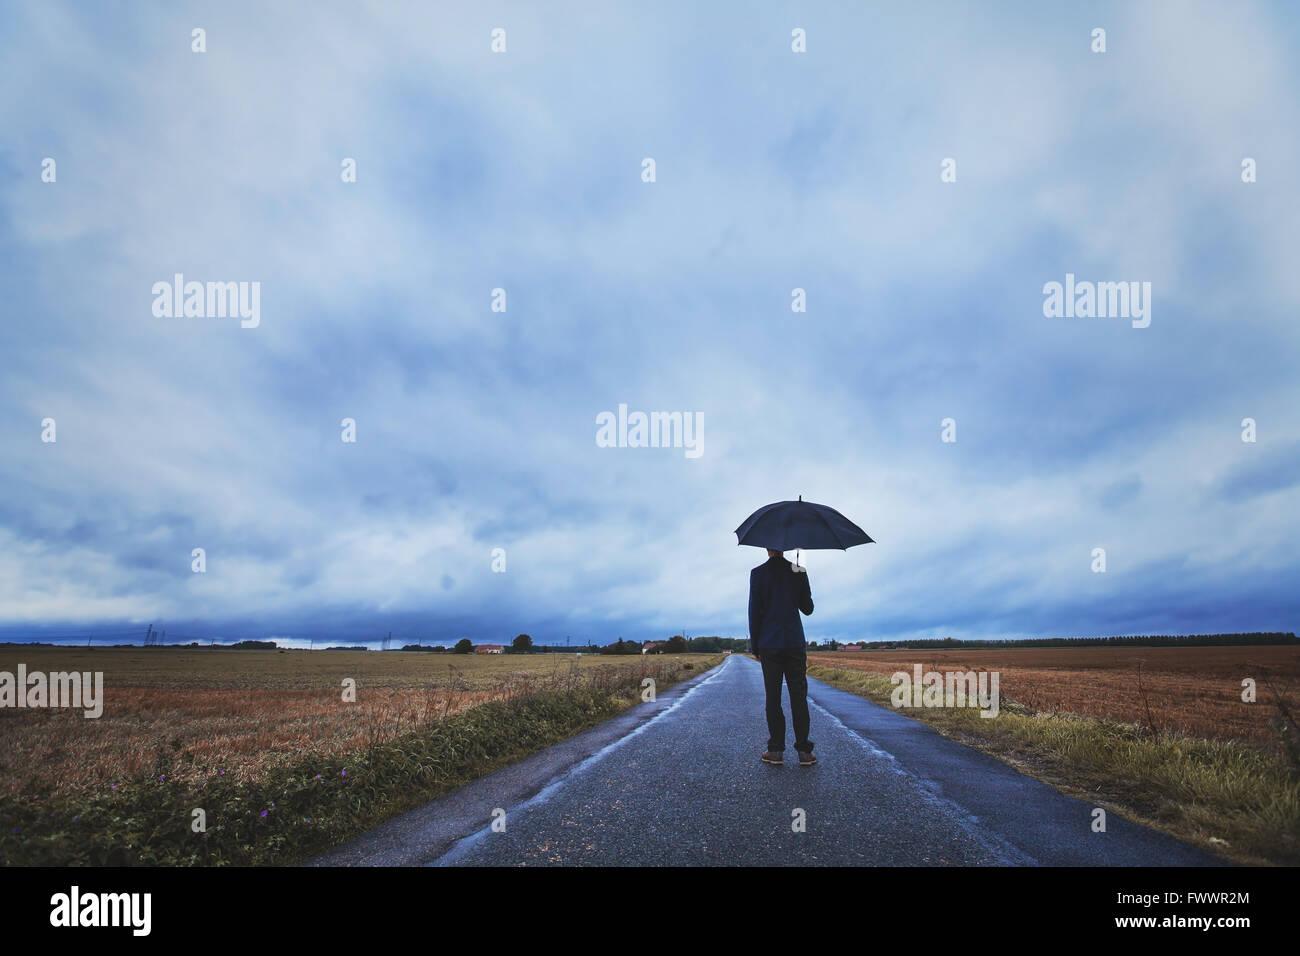 Concept de la psychologie, l'homme debout avec parasol sur la route, les peurs et la solitude Photo Stock